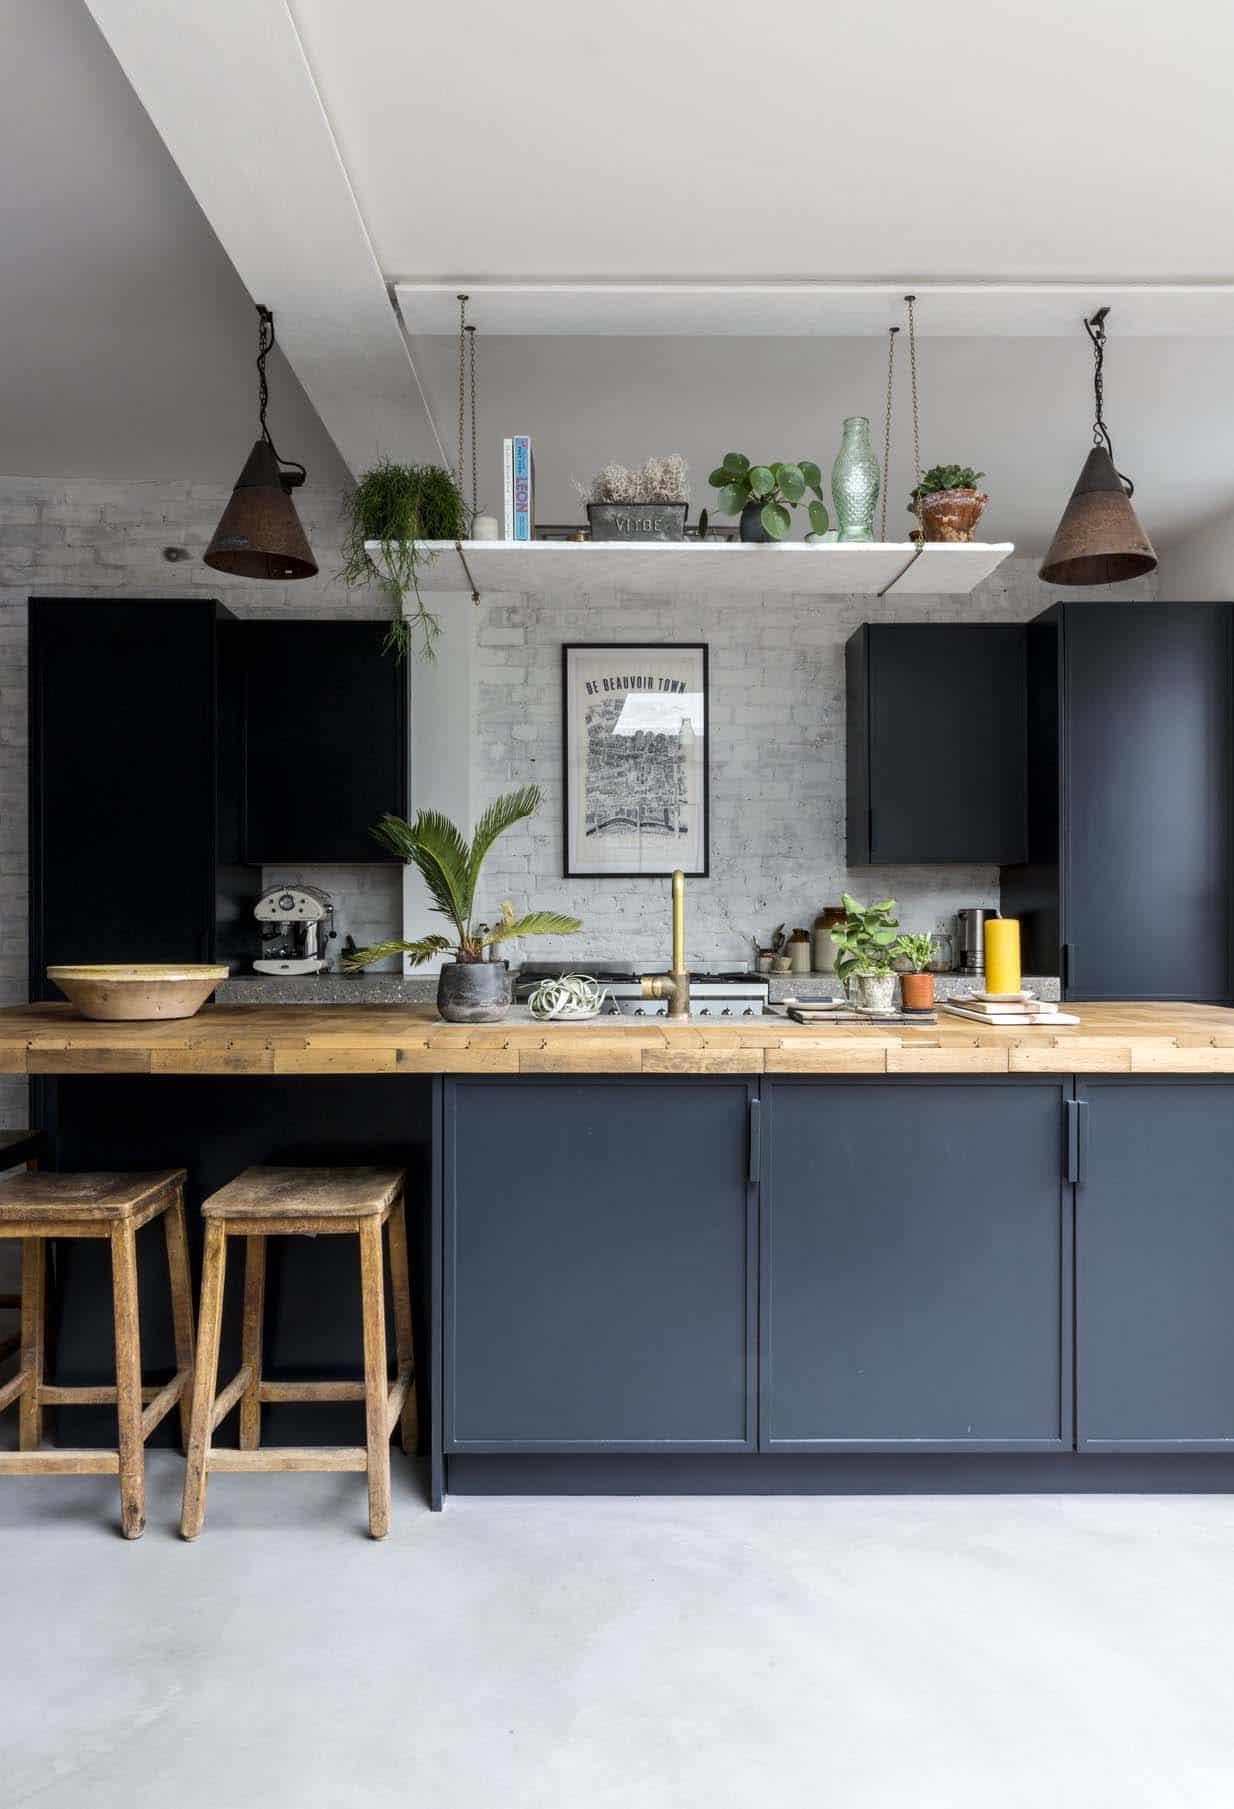 cuisine-industrielle-cottage